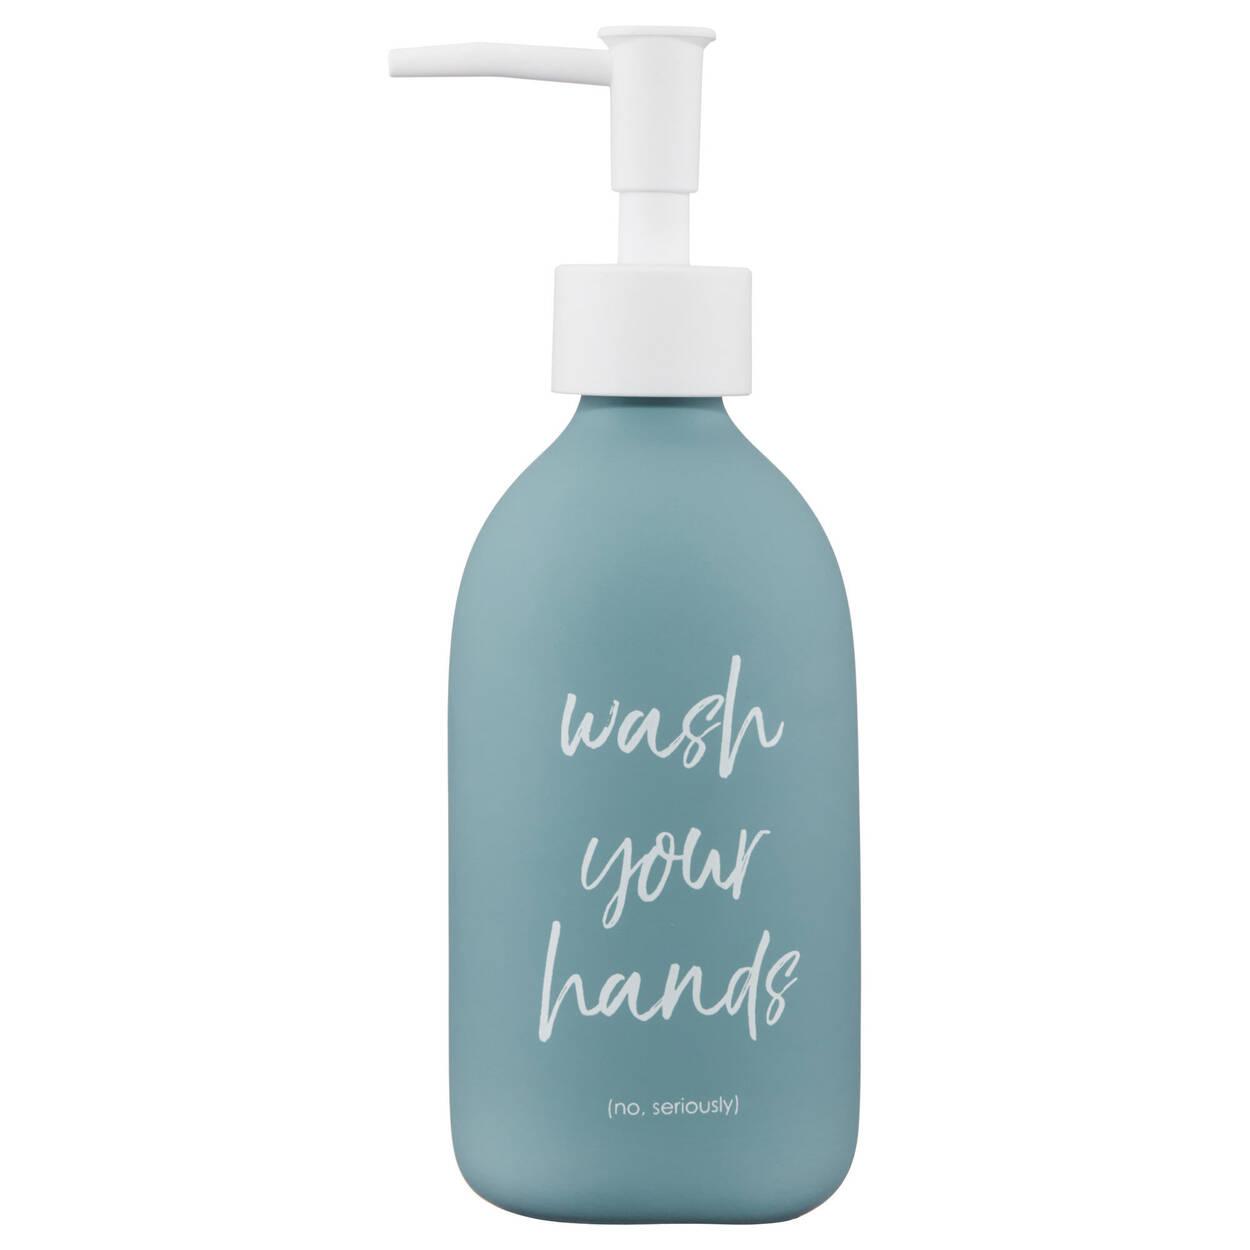 Distributeur de savon avec fini en caoutchouc et typographie